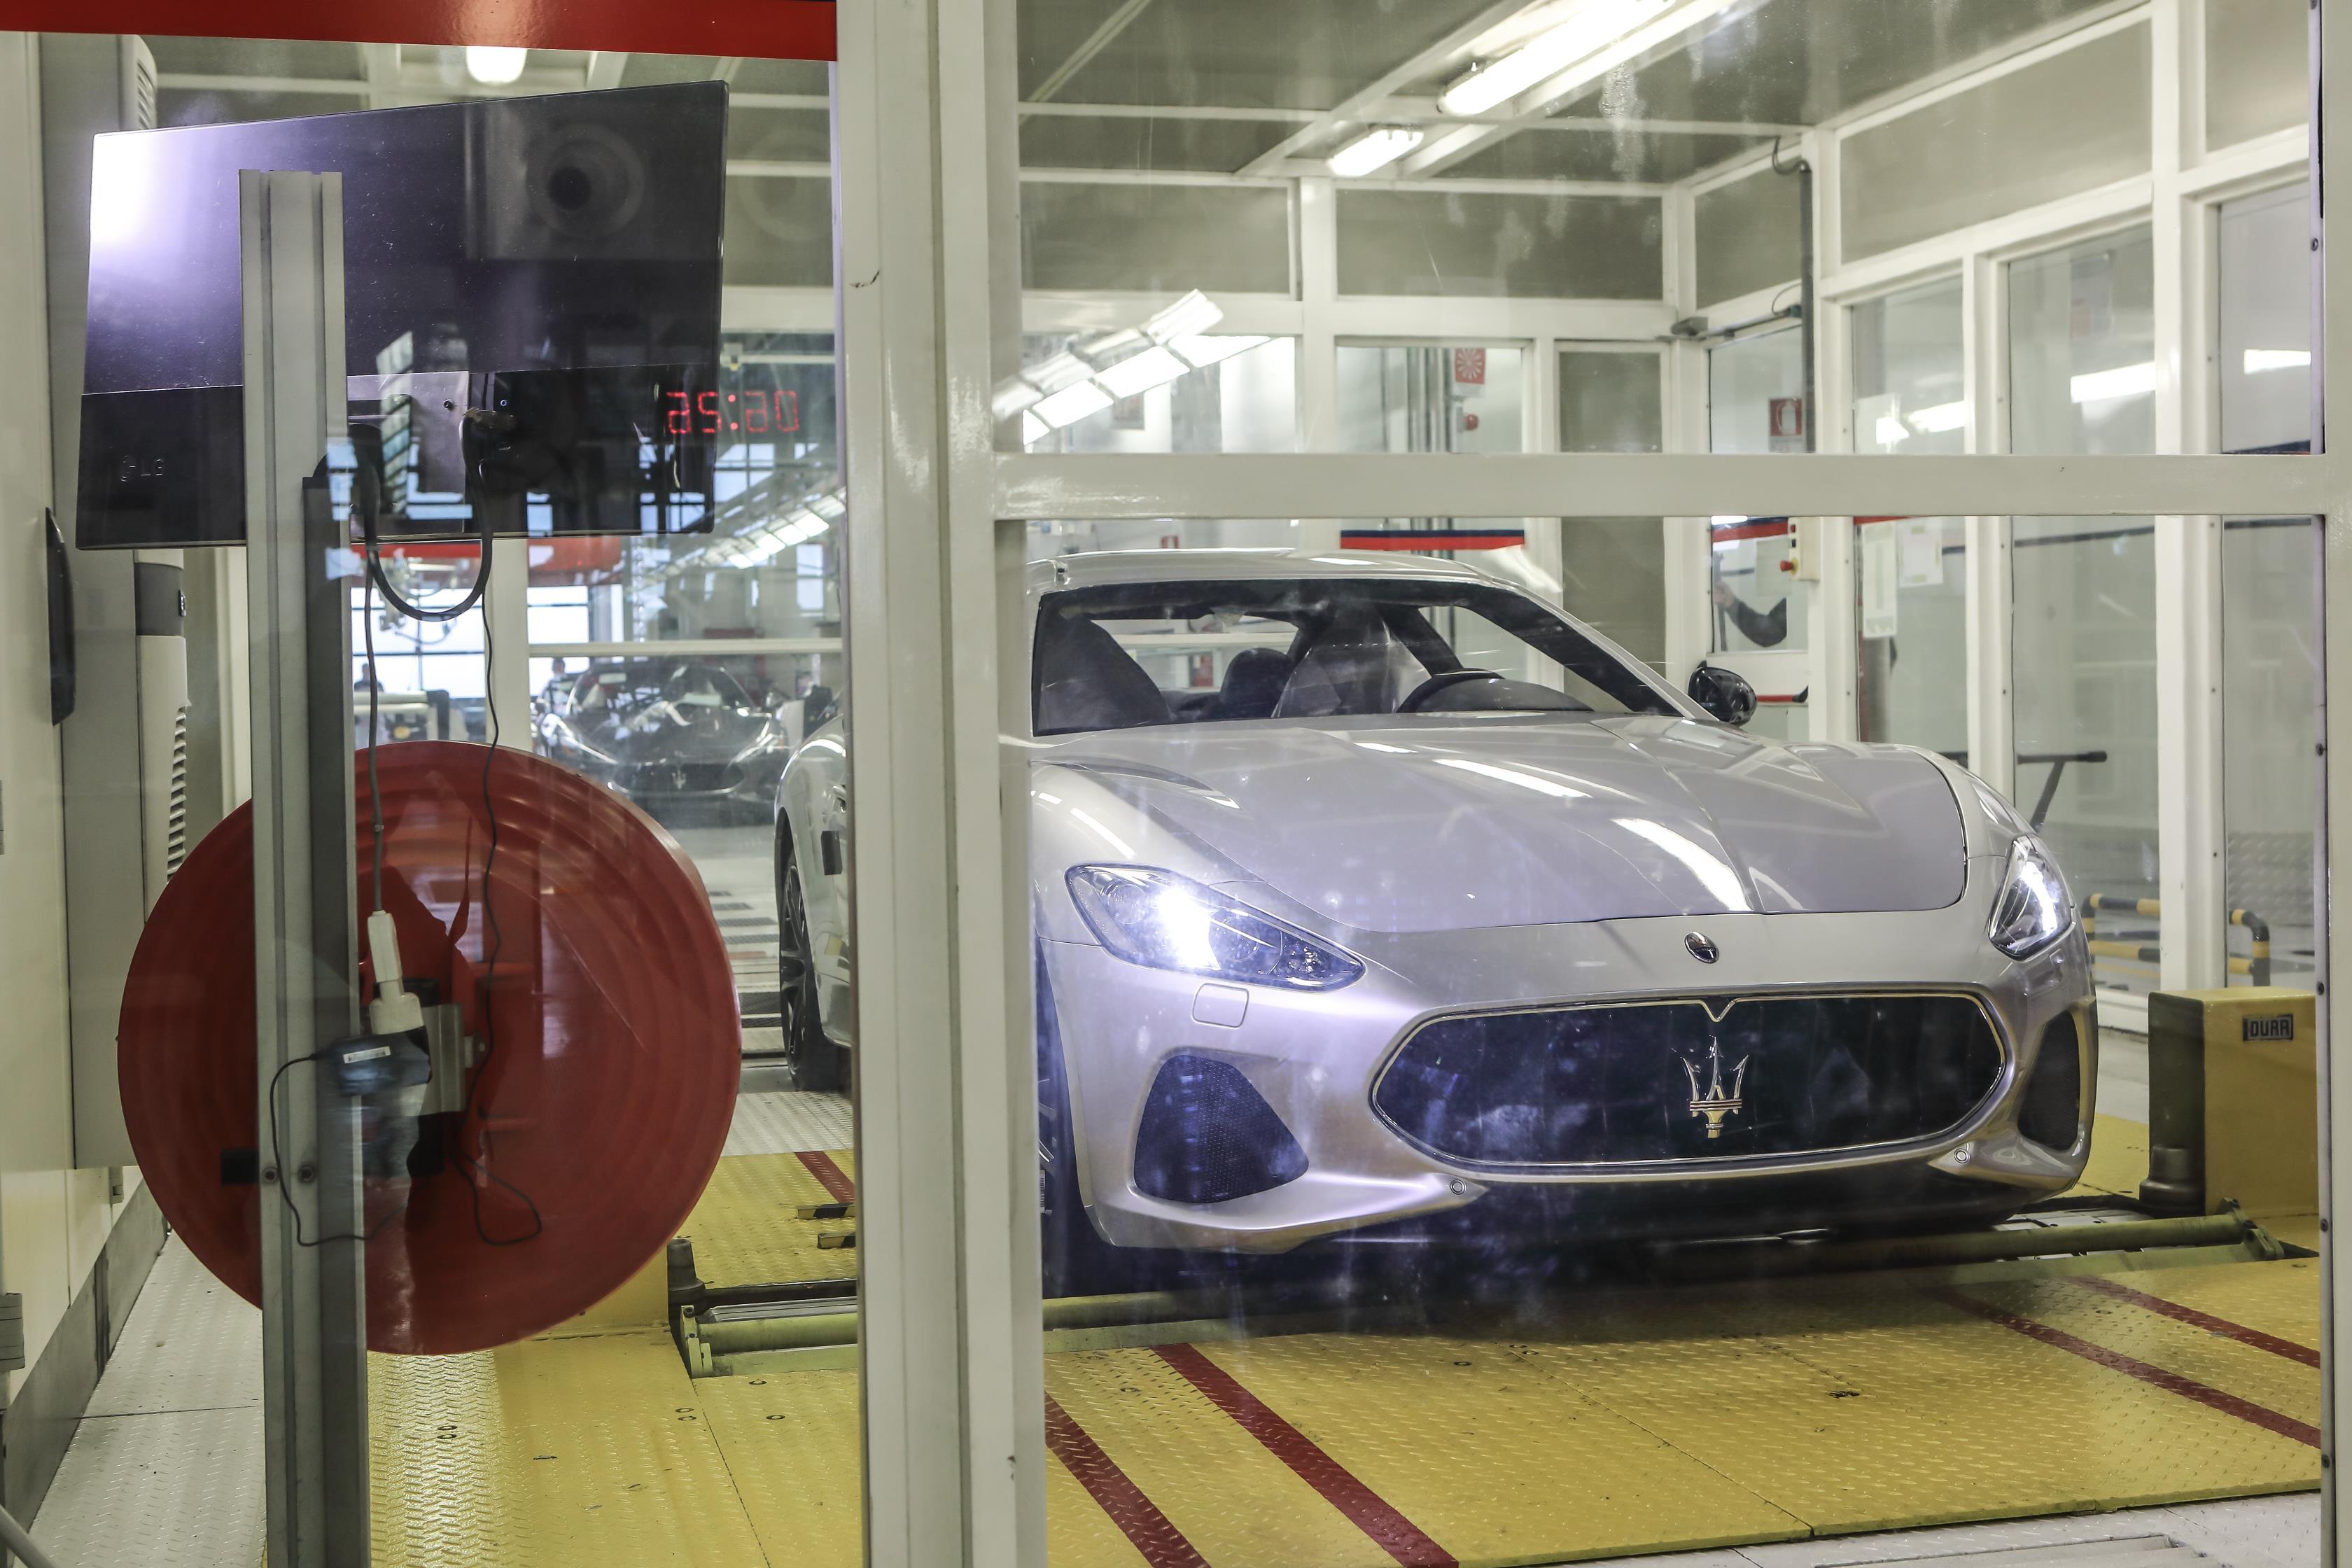 Финал Maserati GranTurismo покинул заводской цех. GranTurismo Zéda является уникальным, построенным, чтобы jnvtnbnm необычайно длительный производственный цикл GranTurismo.